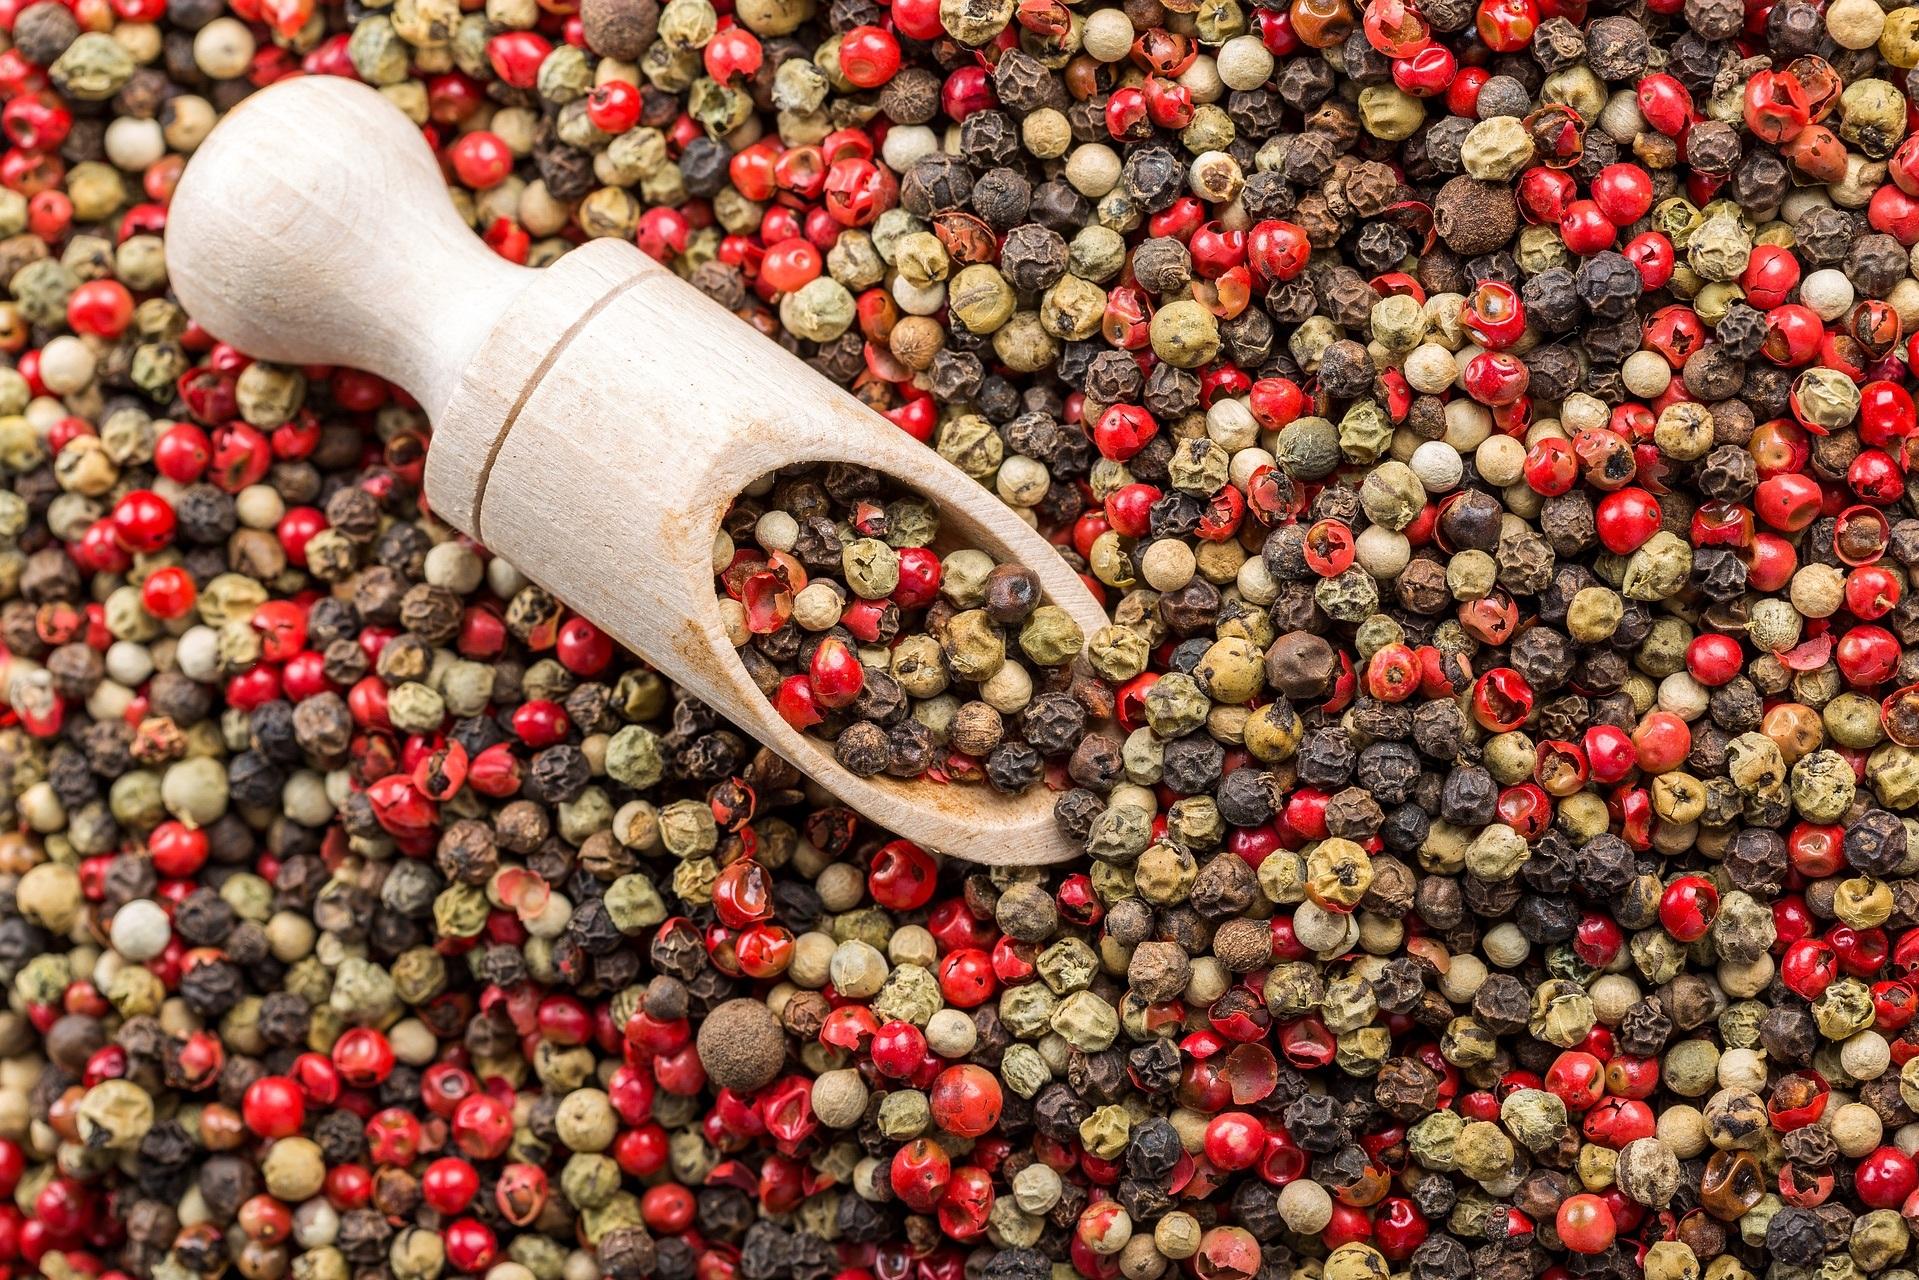 pepper-1914117_1920.jpg